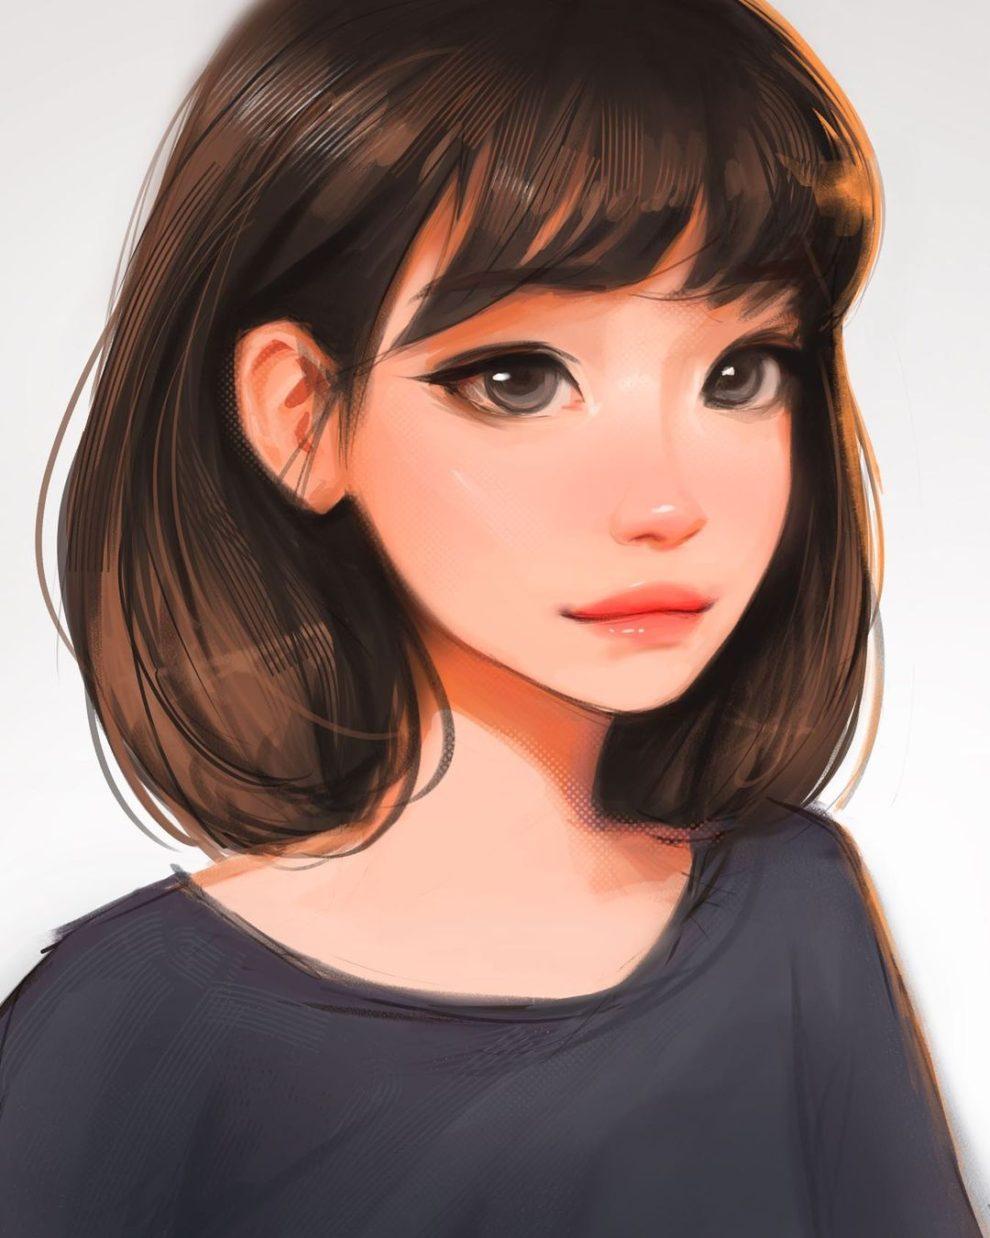 Солнечные портреты девушек Сэма Янга (5).jpg